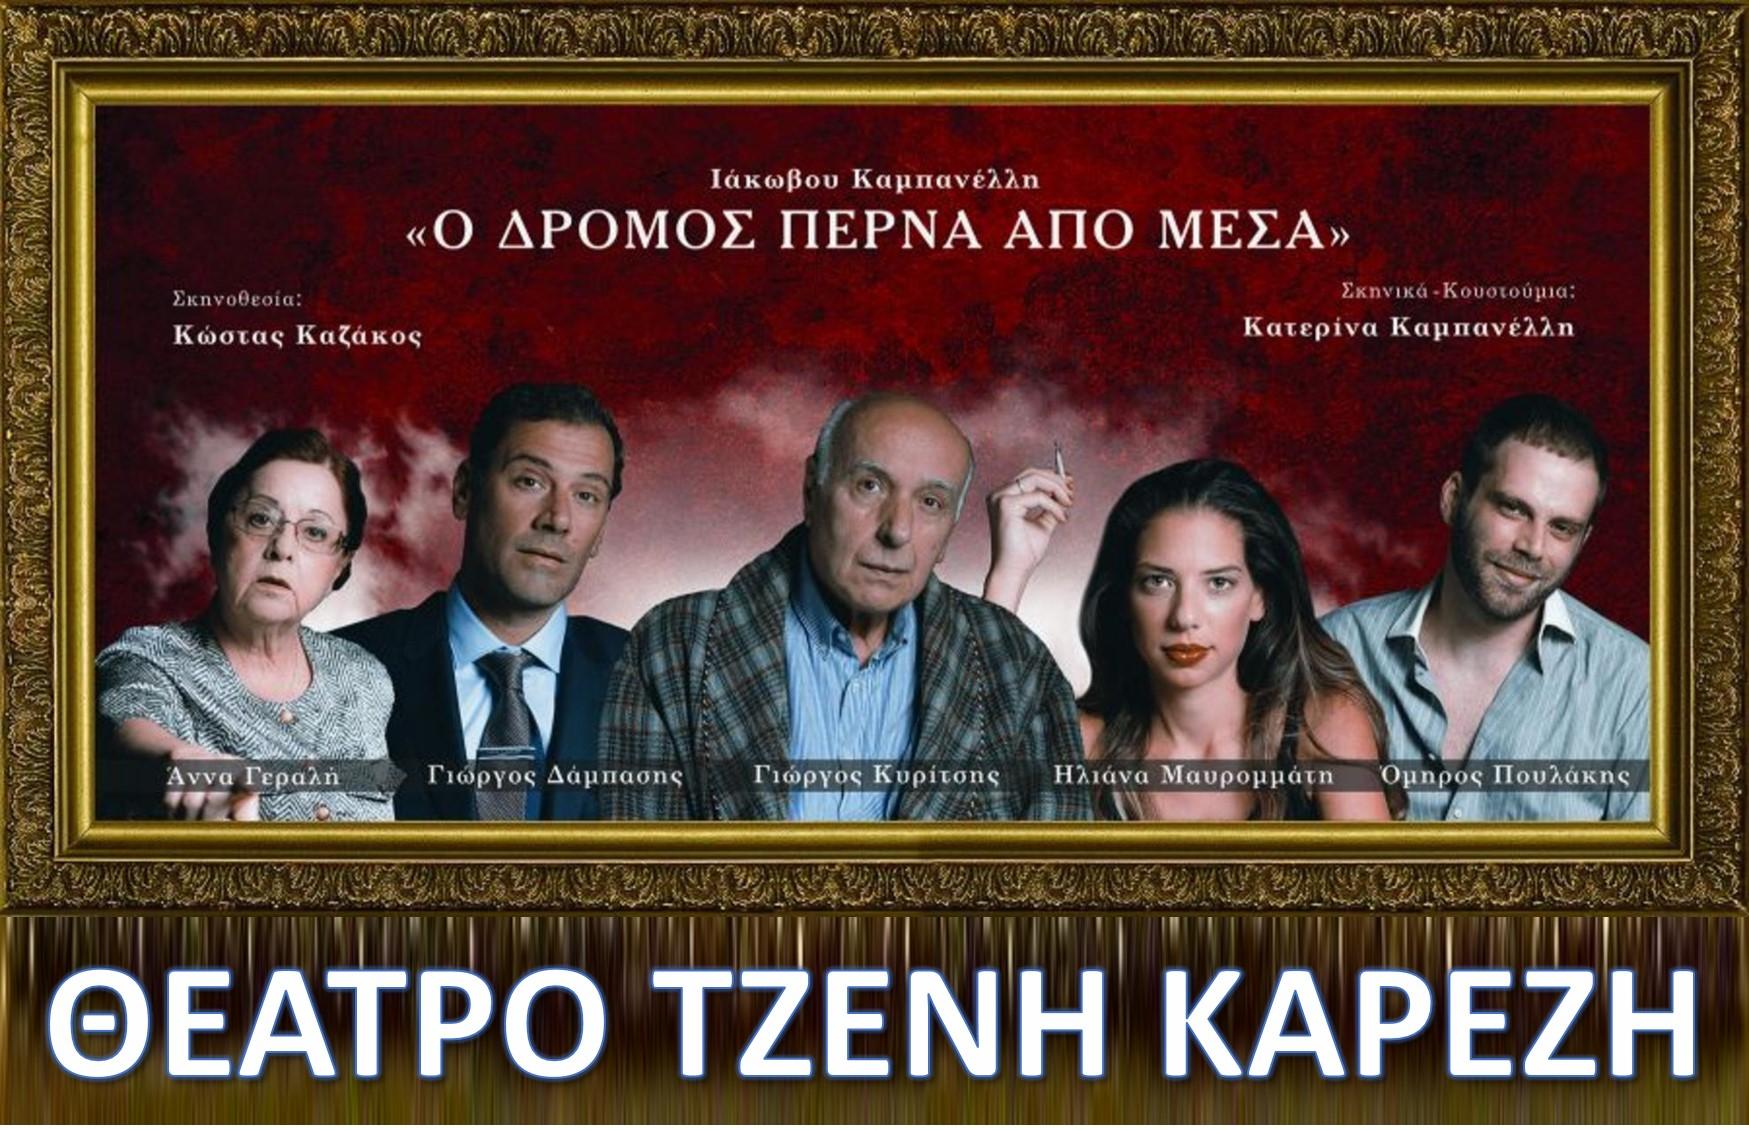 12€ από 18€ για είσοδο στην εμβληματική παράσταση ''Ο Δρόμος Περνά από Μέσα'' του Ιάκωβου Καμπανέλλη, σε σκηνοθεσία Κώστα Καζάκου, στο θέατρο ''Τζένη Καρέζη''! εικόνα